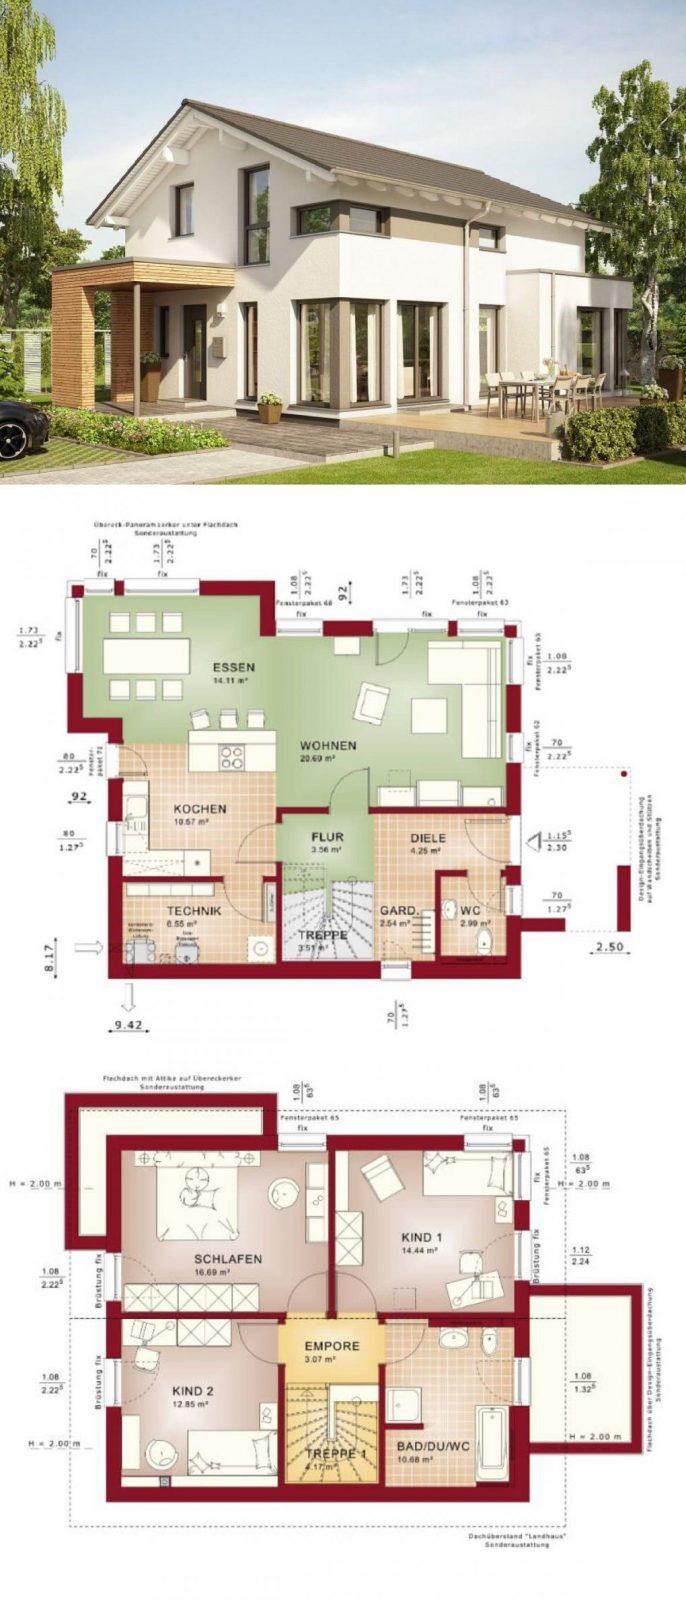 Modernes Einfamilienhaus Design Mit Satteldach Architektur von Bien Zenker Edition 1 Photo